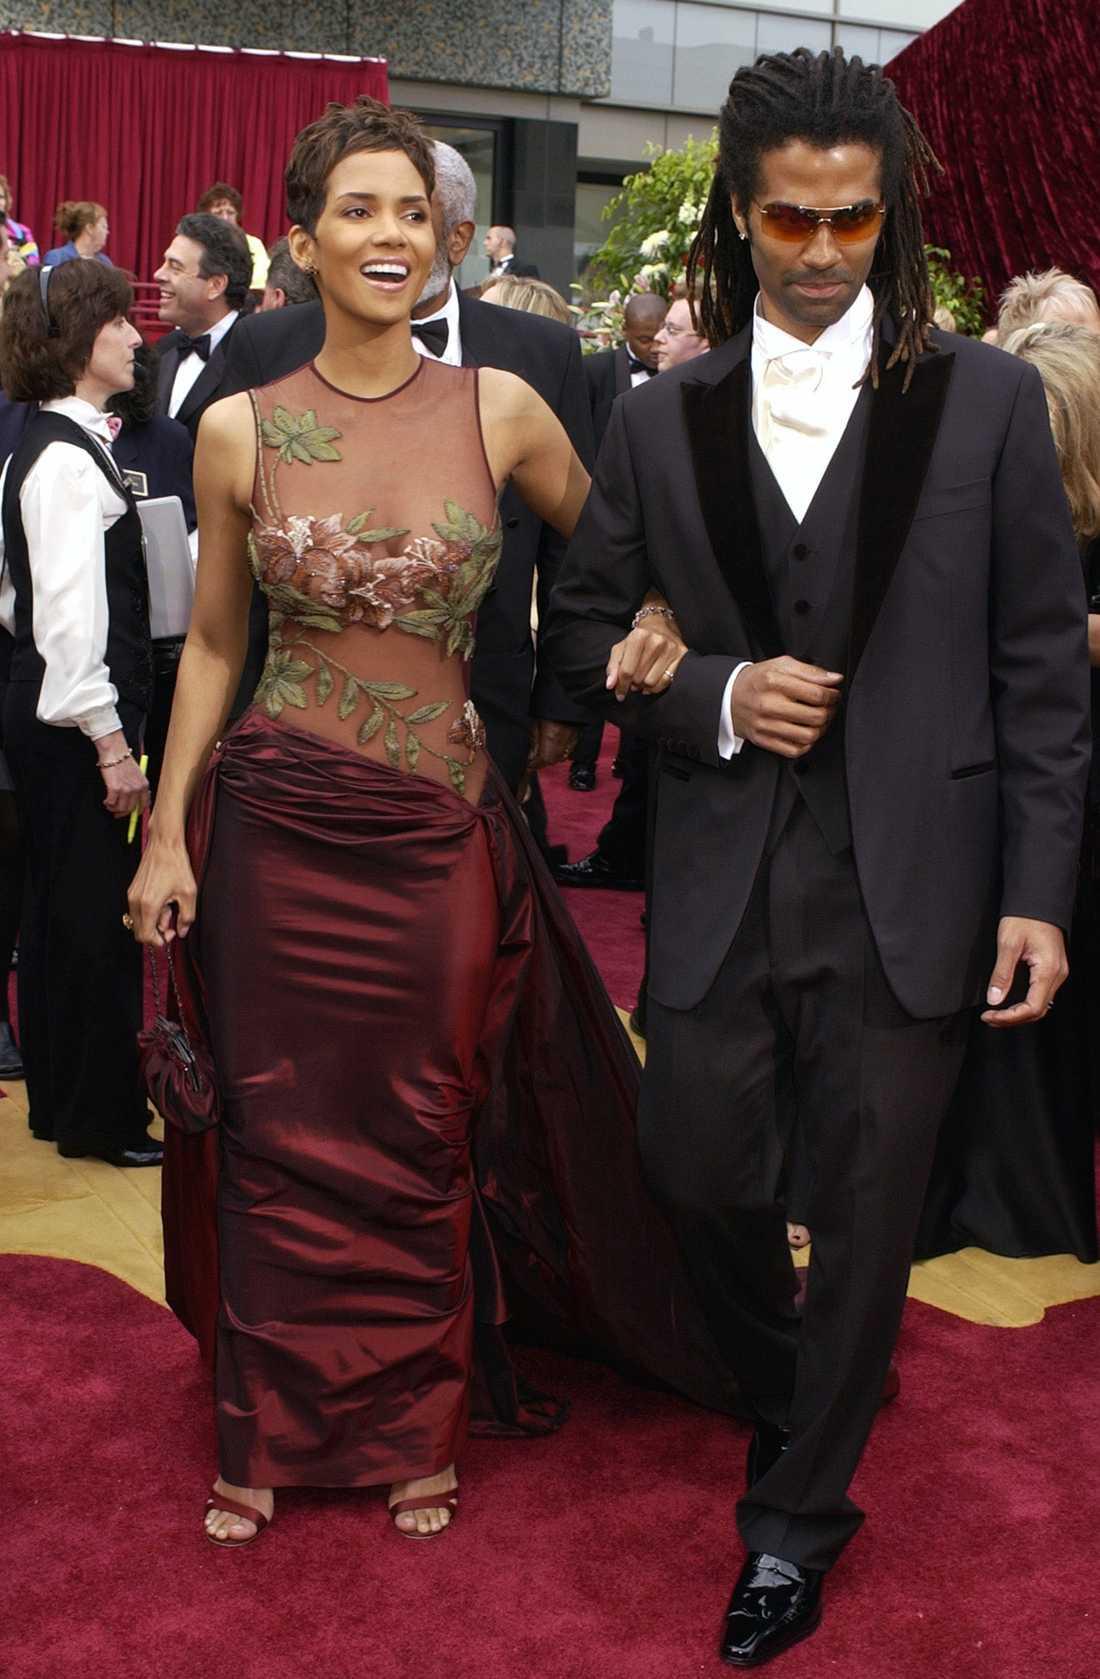 """Halle Berry 2002 """"Med all säkerhet inte den vackraste klänningen som Elie Saab skapat. Men tack vare att Halle Berry blev den första mörkhyade någonsin att vinna en Oscar för bästa huvudroll blev den här klänningen viktig, vacker och minnesvärd på ett helt annat plan. Fram för jämställdhet i Hollywood!!"""""""